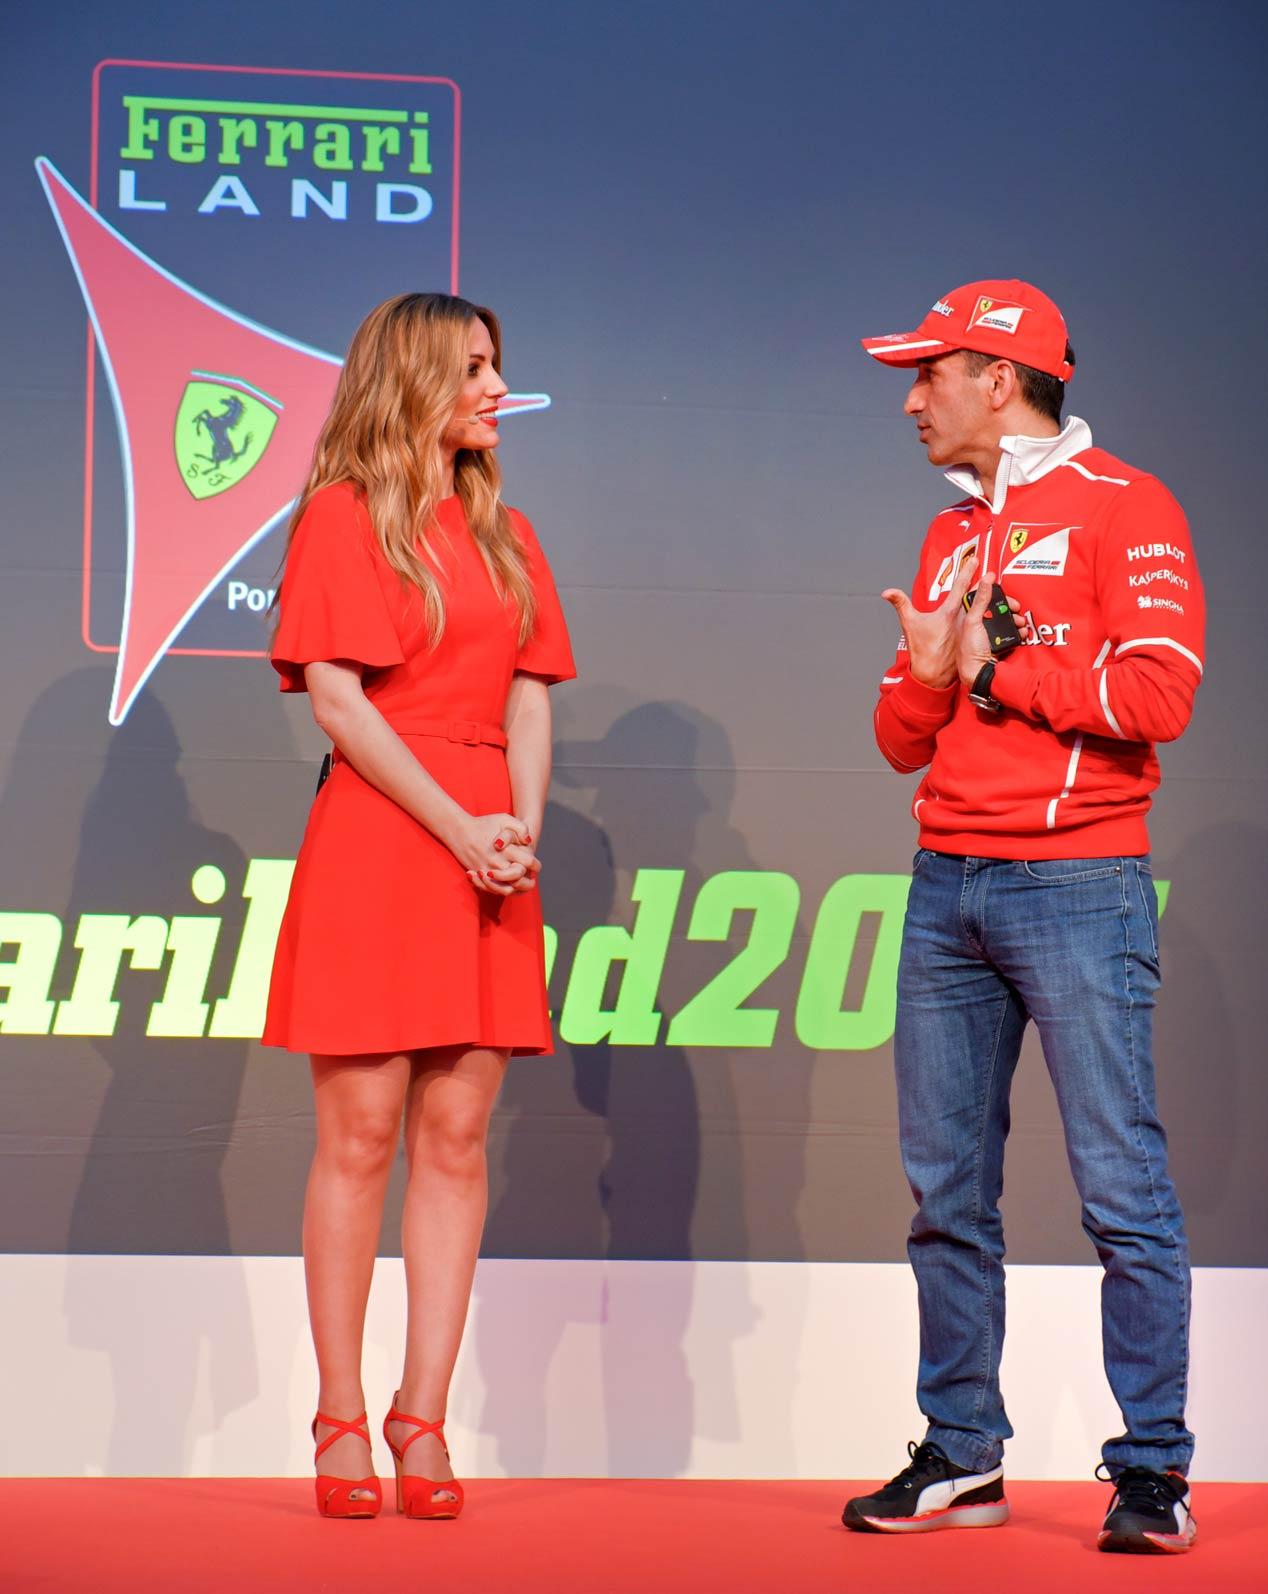 Ferrari Land abre sus puertas el 7 de abril